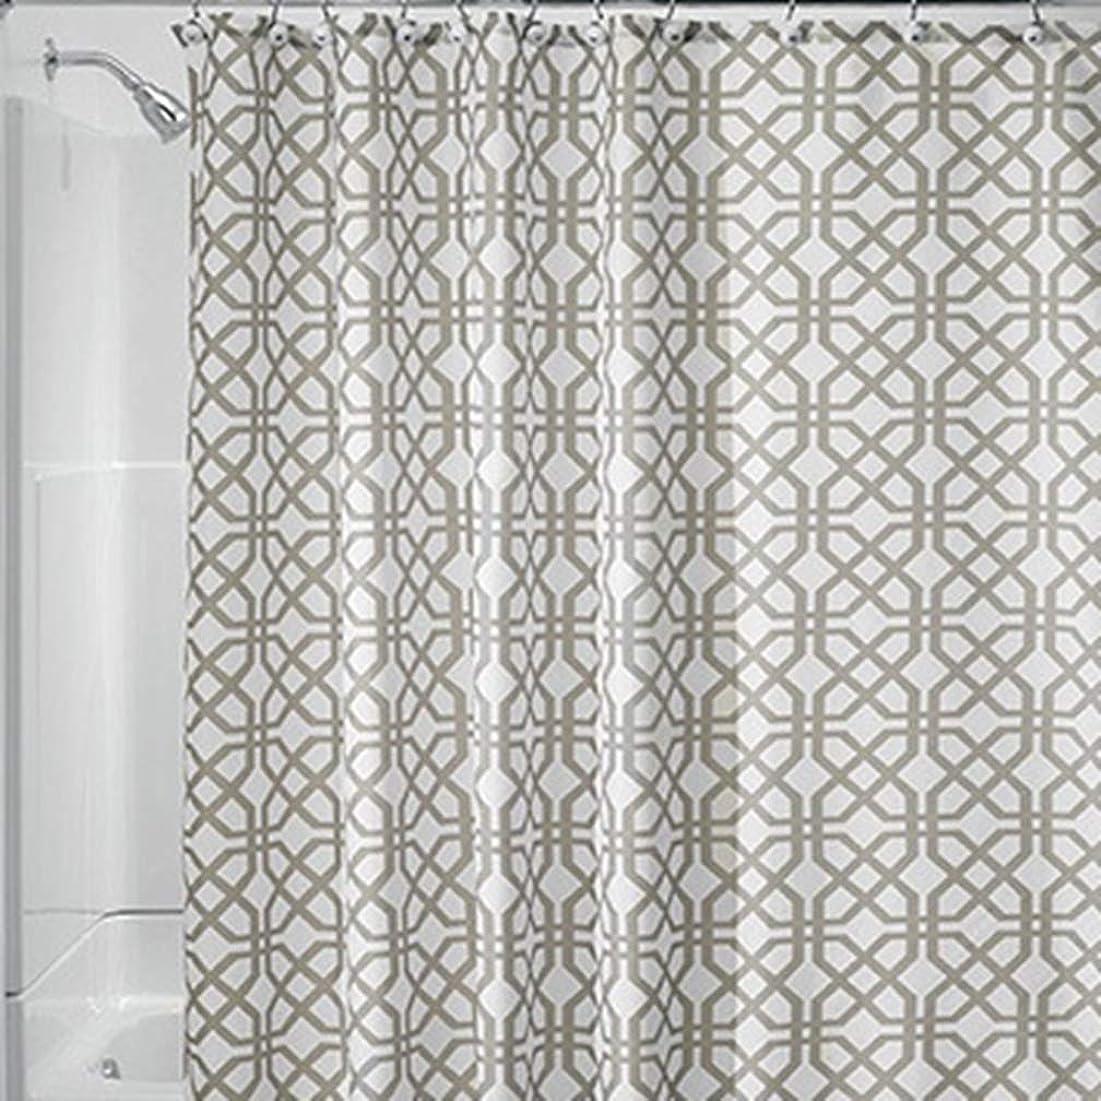 飛行場電球まもなく[スンル]シャワーカーテン 180*180cm バスカーテン お風呂バス お風呂カーテン 間仕切り 防水 防カビ リング付属 おしゃれ 速乾 軽量 取付簡単 洗面所 浴室 ブラウン